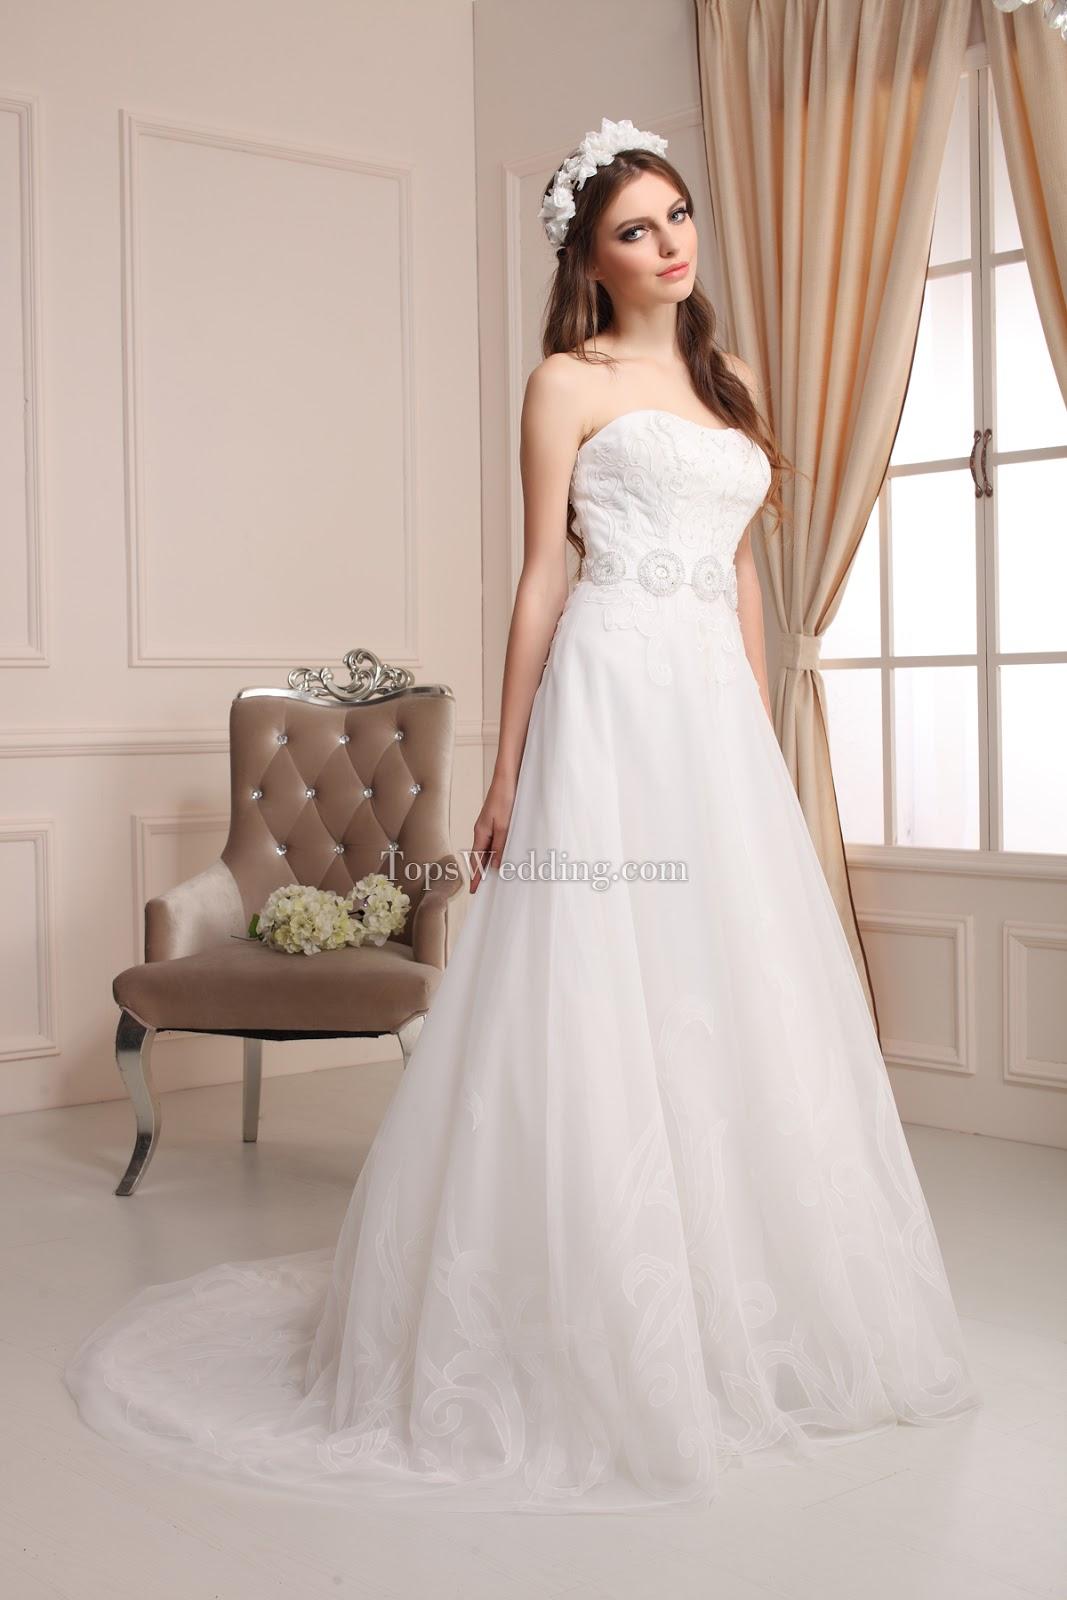 Empire waist wedding dresses, topwedding.com